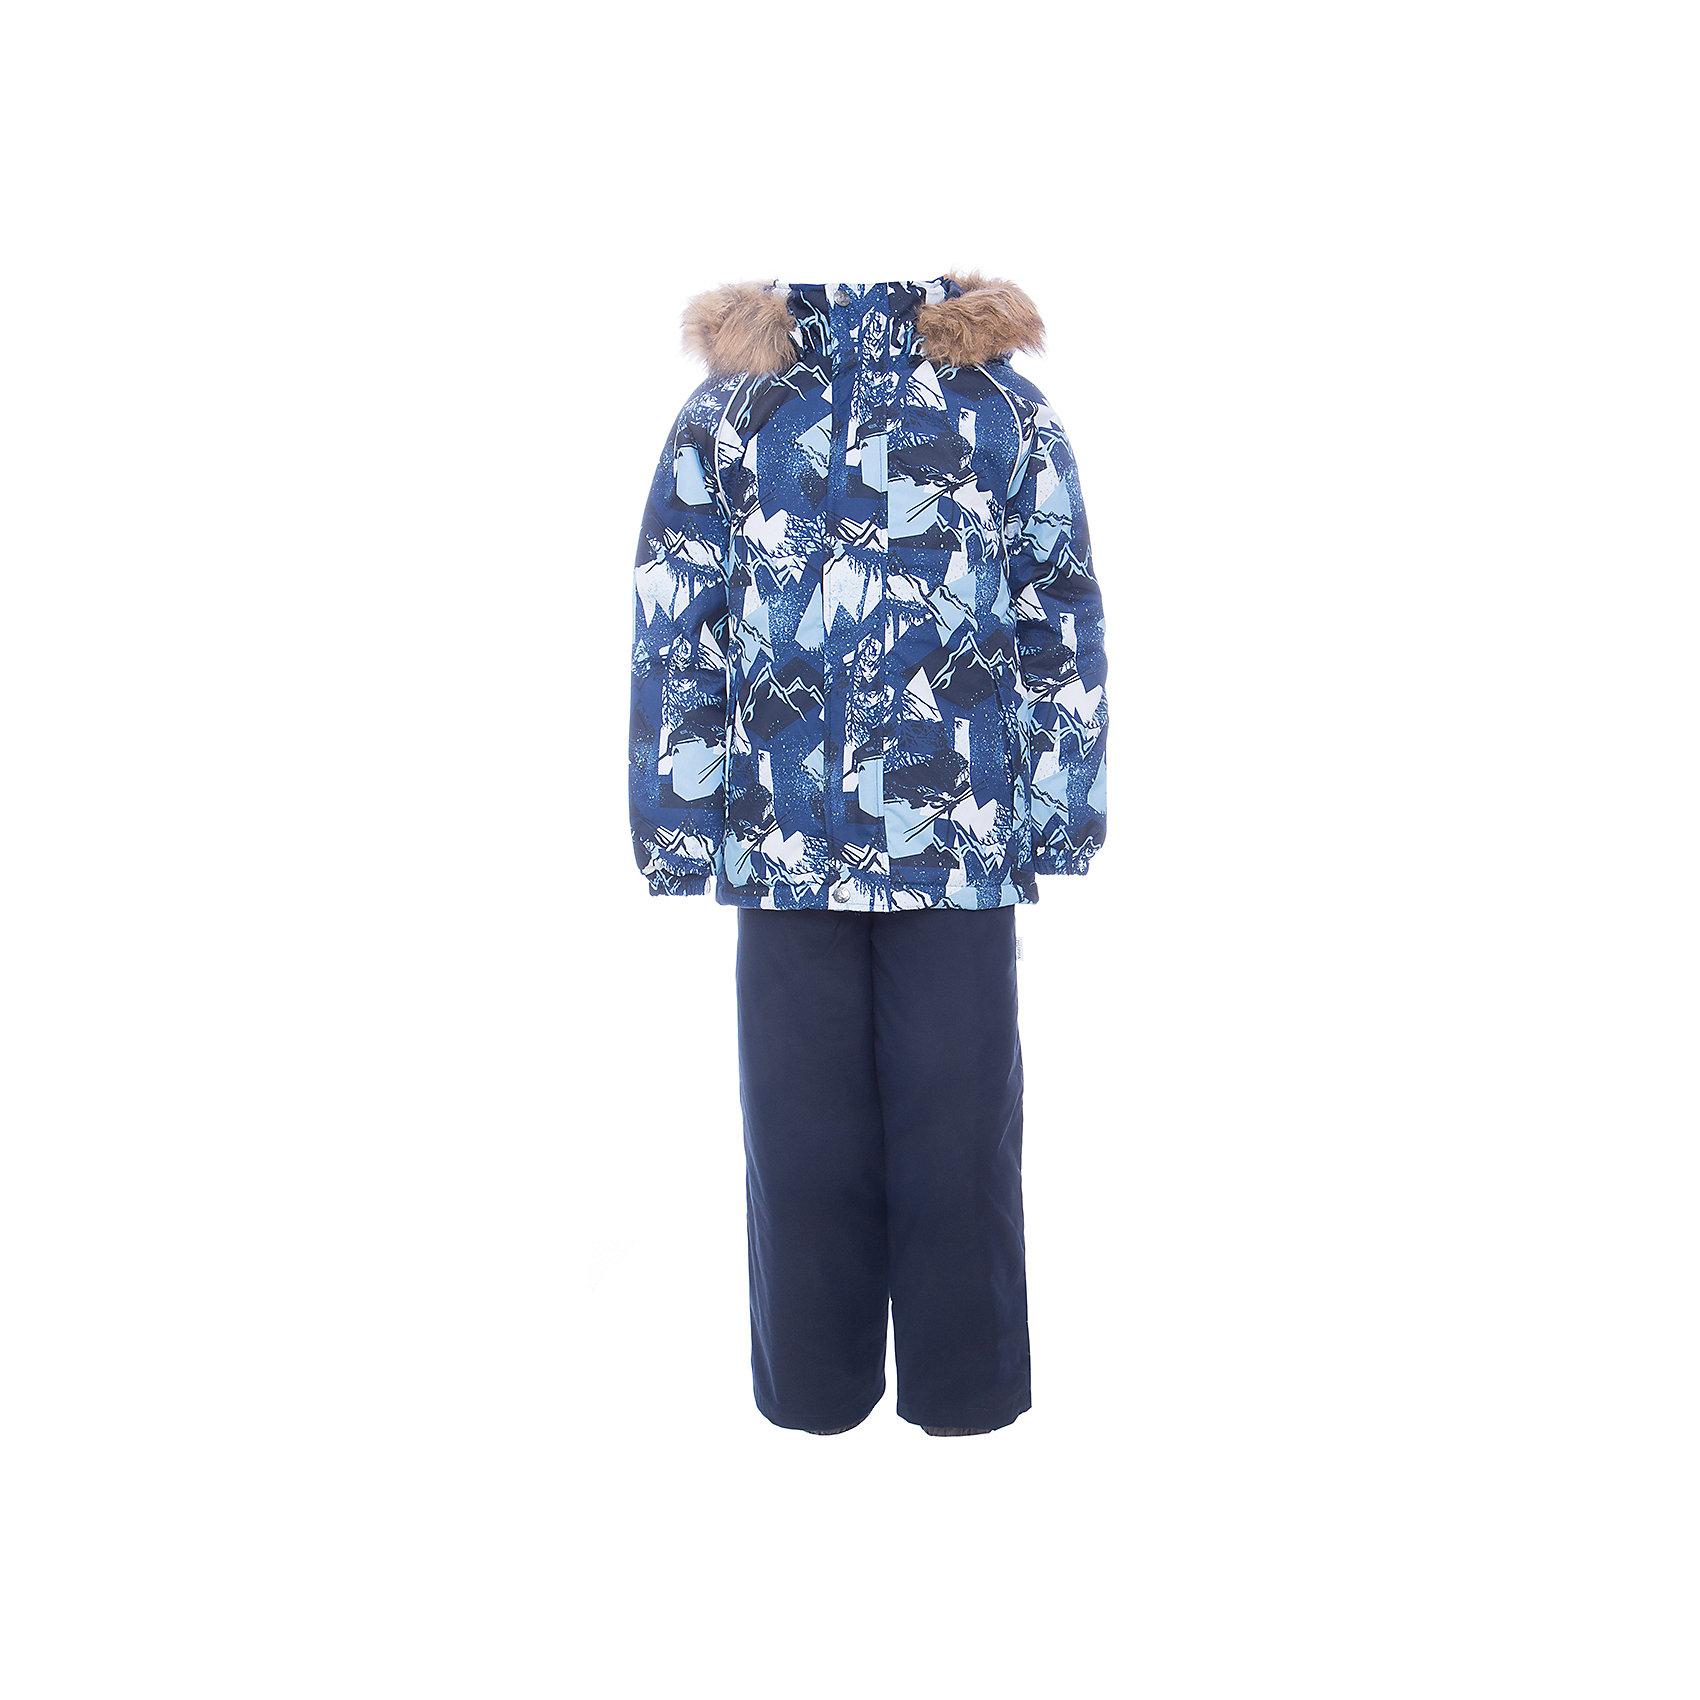 Комплект: куртка и брюки WINTER HuppaВерхняя одежда<br>Детский комплект WINTER .Водо и воздухонепроницаемость 10 000.Утеплитель 300 гр куртка / 160 гр брюки. Подкладка Тафта, флис 100% полиэстер. Швы проклеены. Отстегивающийся капюшон . Манжет рукавов на резинке. Внутренняя снегозащита брюк. Регулируемые низы. Резиновые подтяжки. Имеются светоотражательные детали. <br>Состав:<br>100% Полиэстер<br><br>Ширина мм: 356<br>Глубина мм: 10<br>Высота мм: 245<br>Вес г: 519<br>Цвет: синий/белый<br>Возраст от месяцев: 18<br>Возраст до месяцев: 24<br>Пол: Унисекс<br>Возраст: Детский<br>Размер: 92,140,98,104,110,116,122,128,134<br>SKU: 7027168